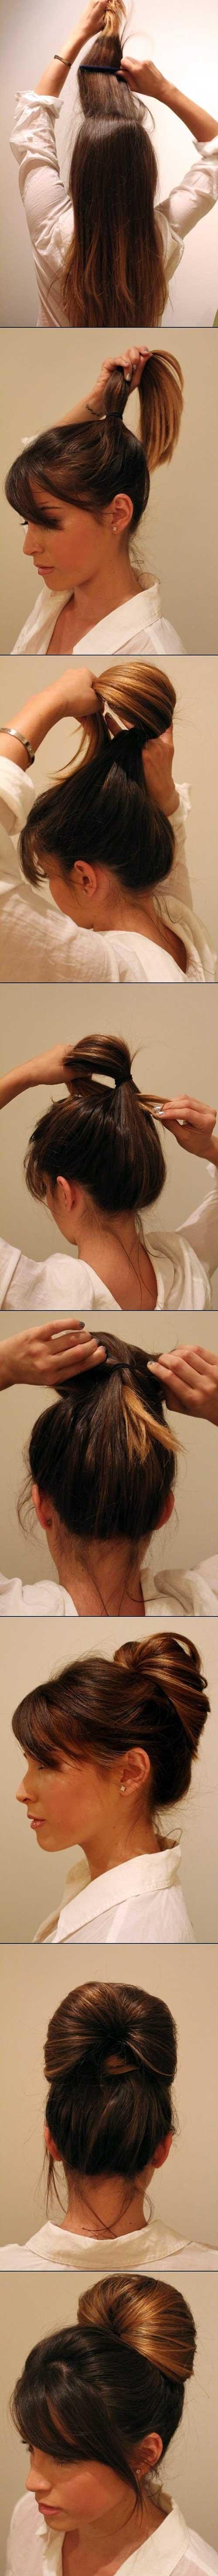 penteado lindo facil de fazer sozinha